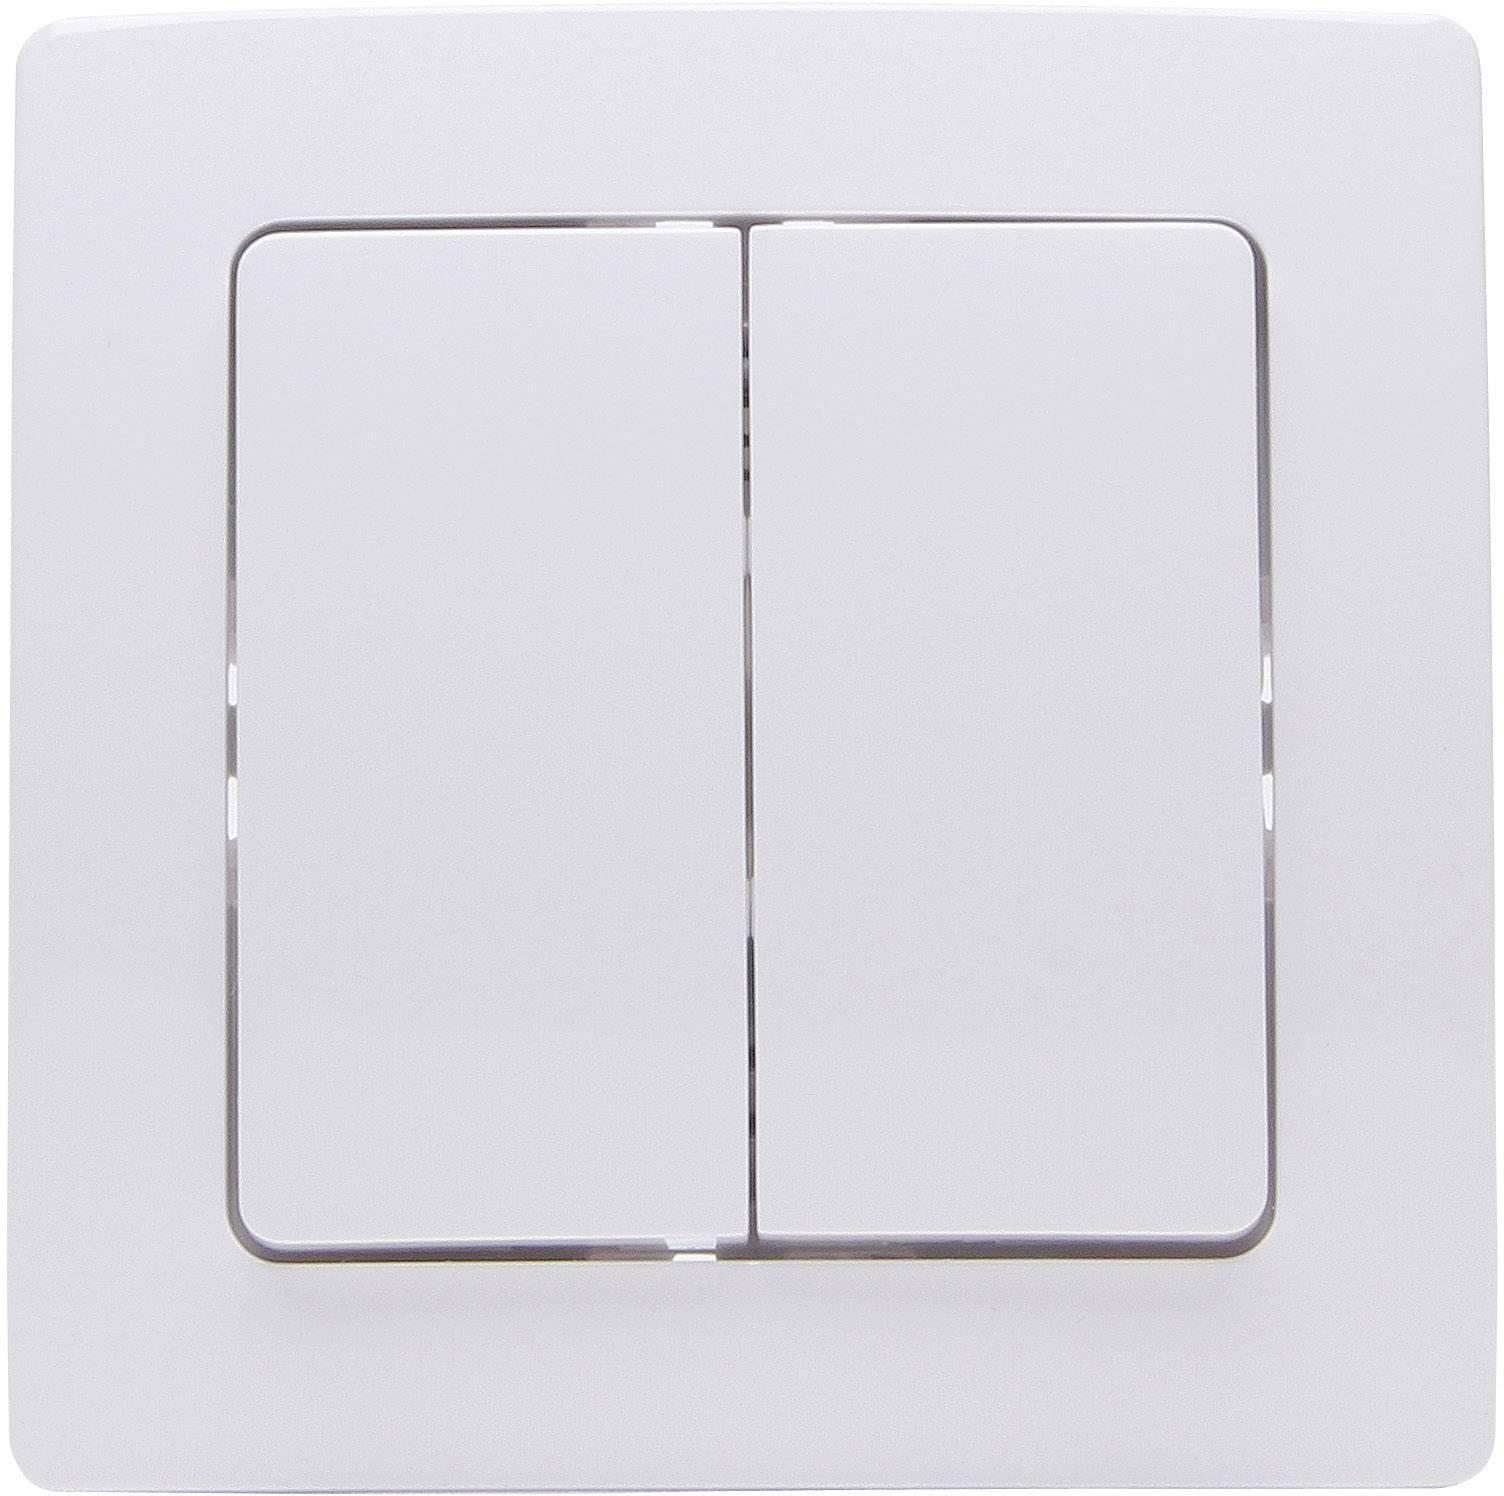 Bezdrôtový nástenný spínač Free Control FC HK 05 2/4 822102029, 4-kanálový, arktická biela